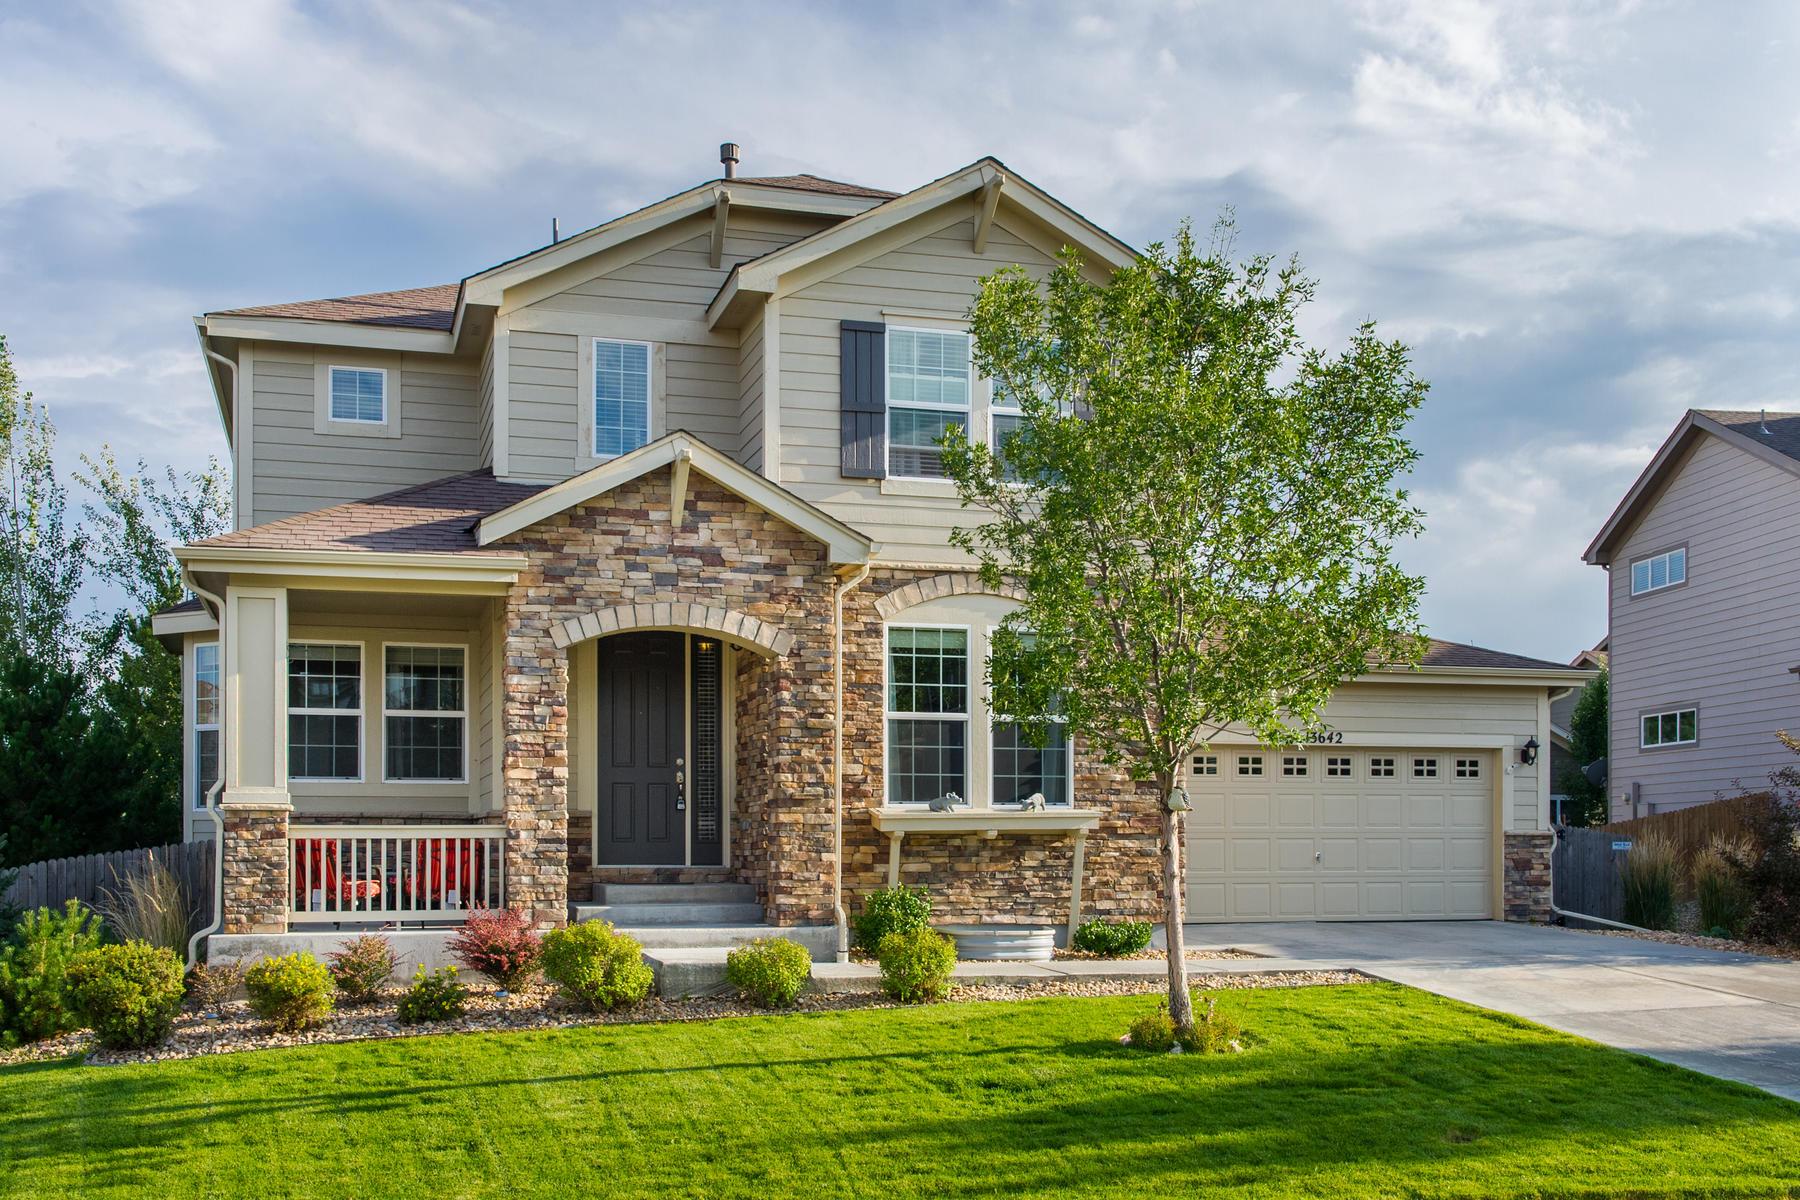 Nhà ở một gia đình vì Bán tại Gorgeous Homestead Hills Home! 13642 Dexter Street Thornton, Colorado, 80602 Hoa Kỳ